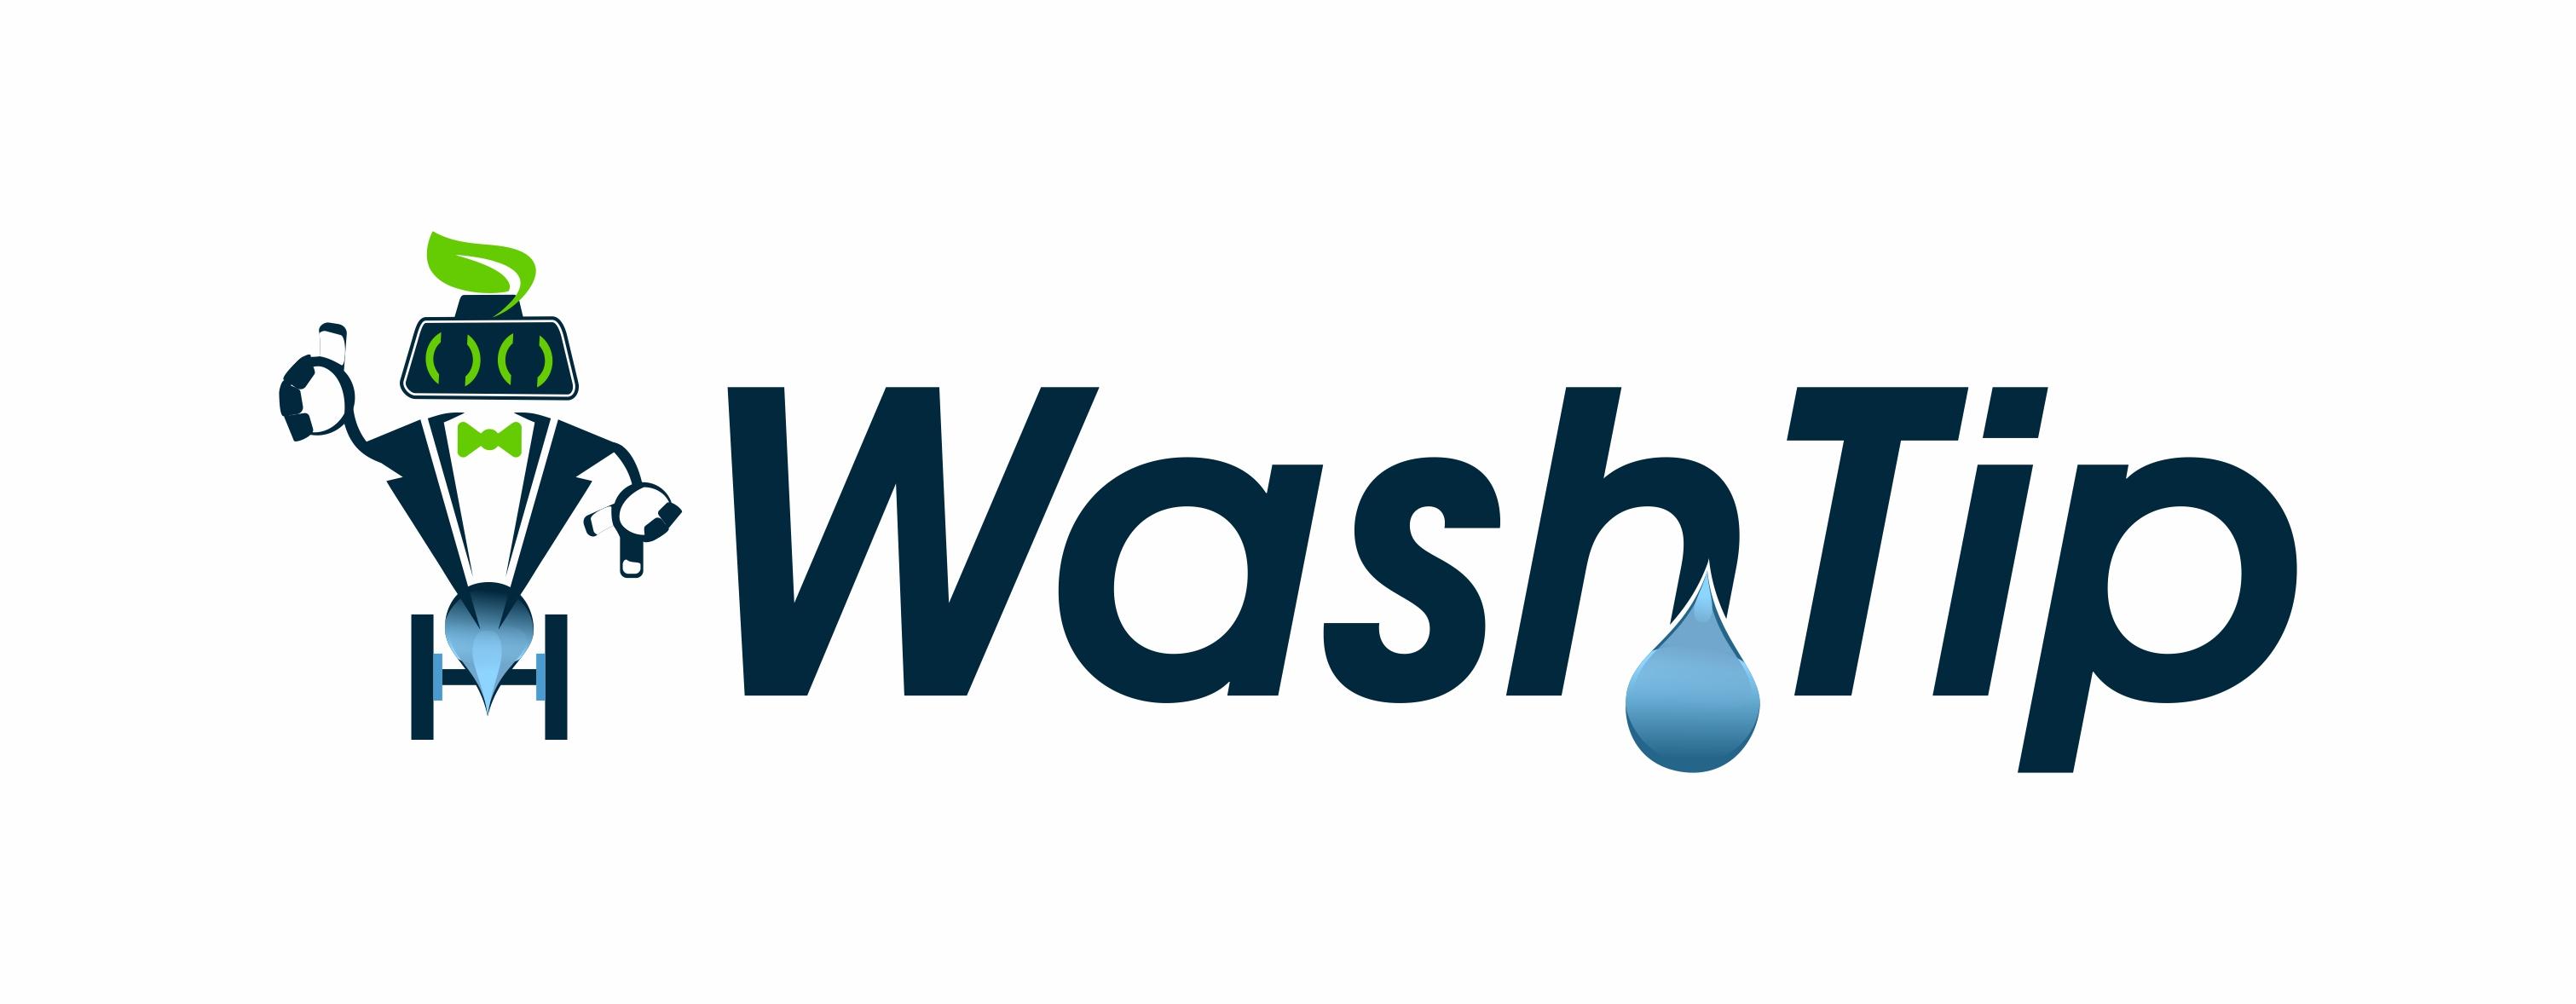 Разработка логотипа для онлайн-сервиса химчистки фото f_0735c056ff61f7ba.jpg